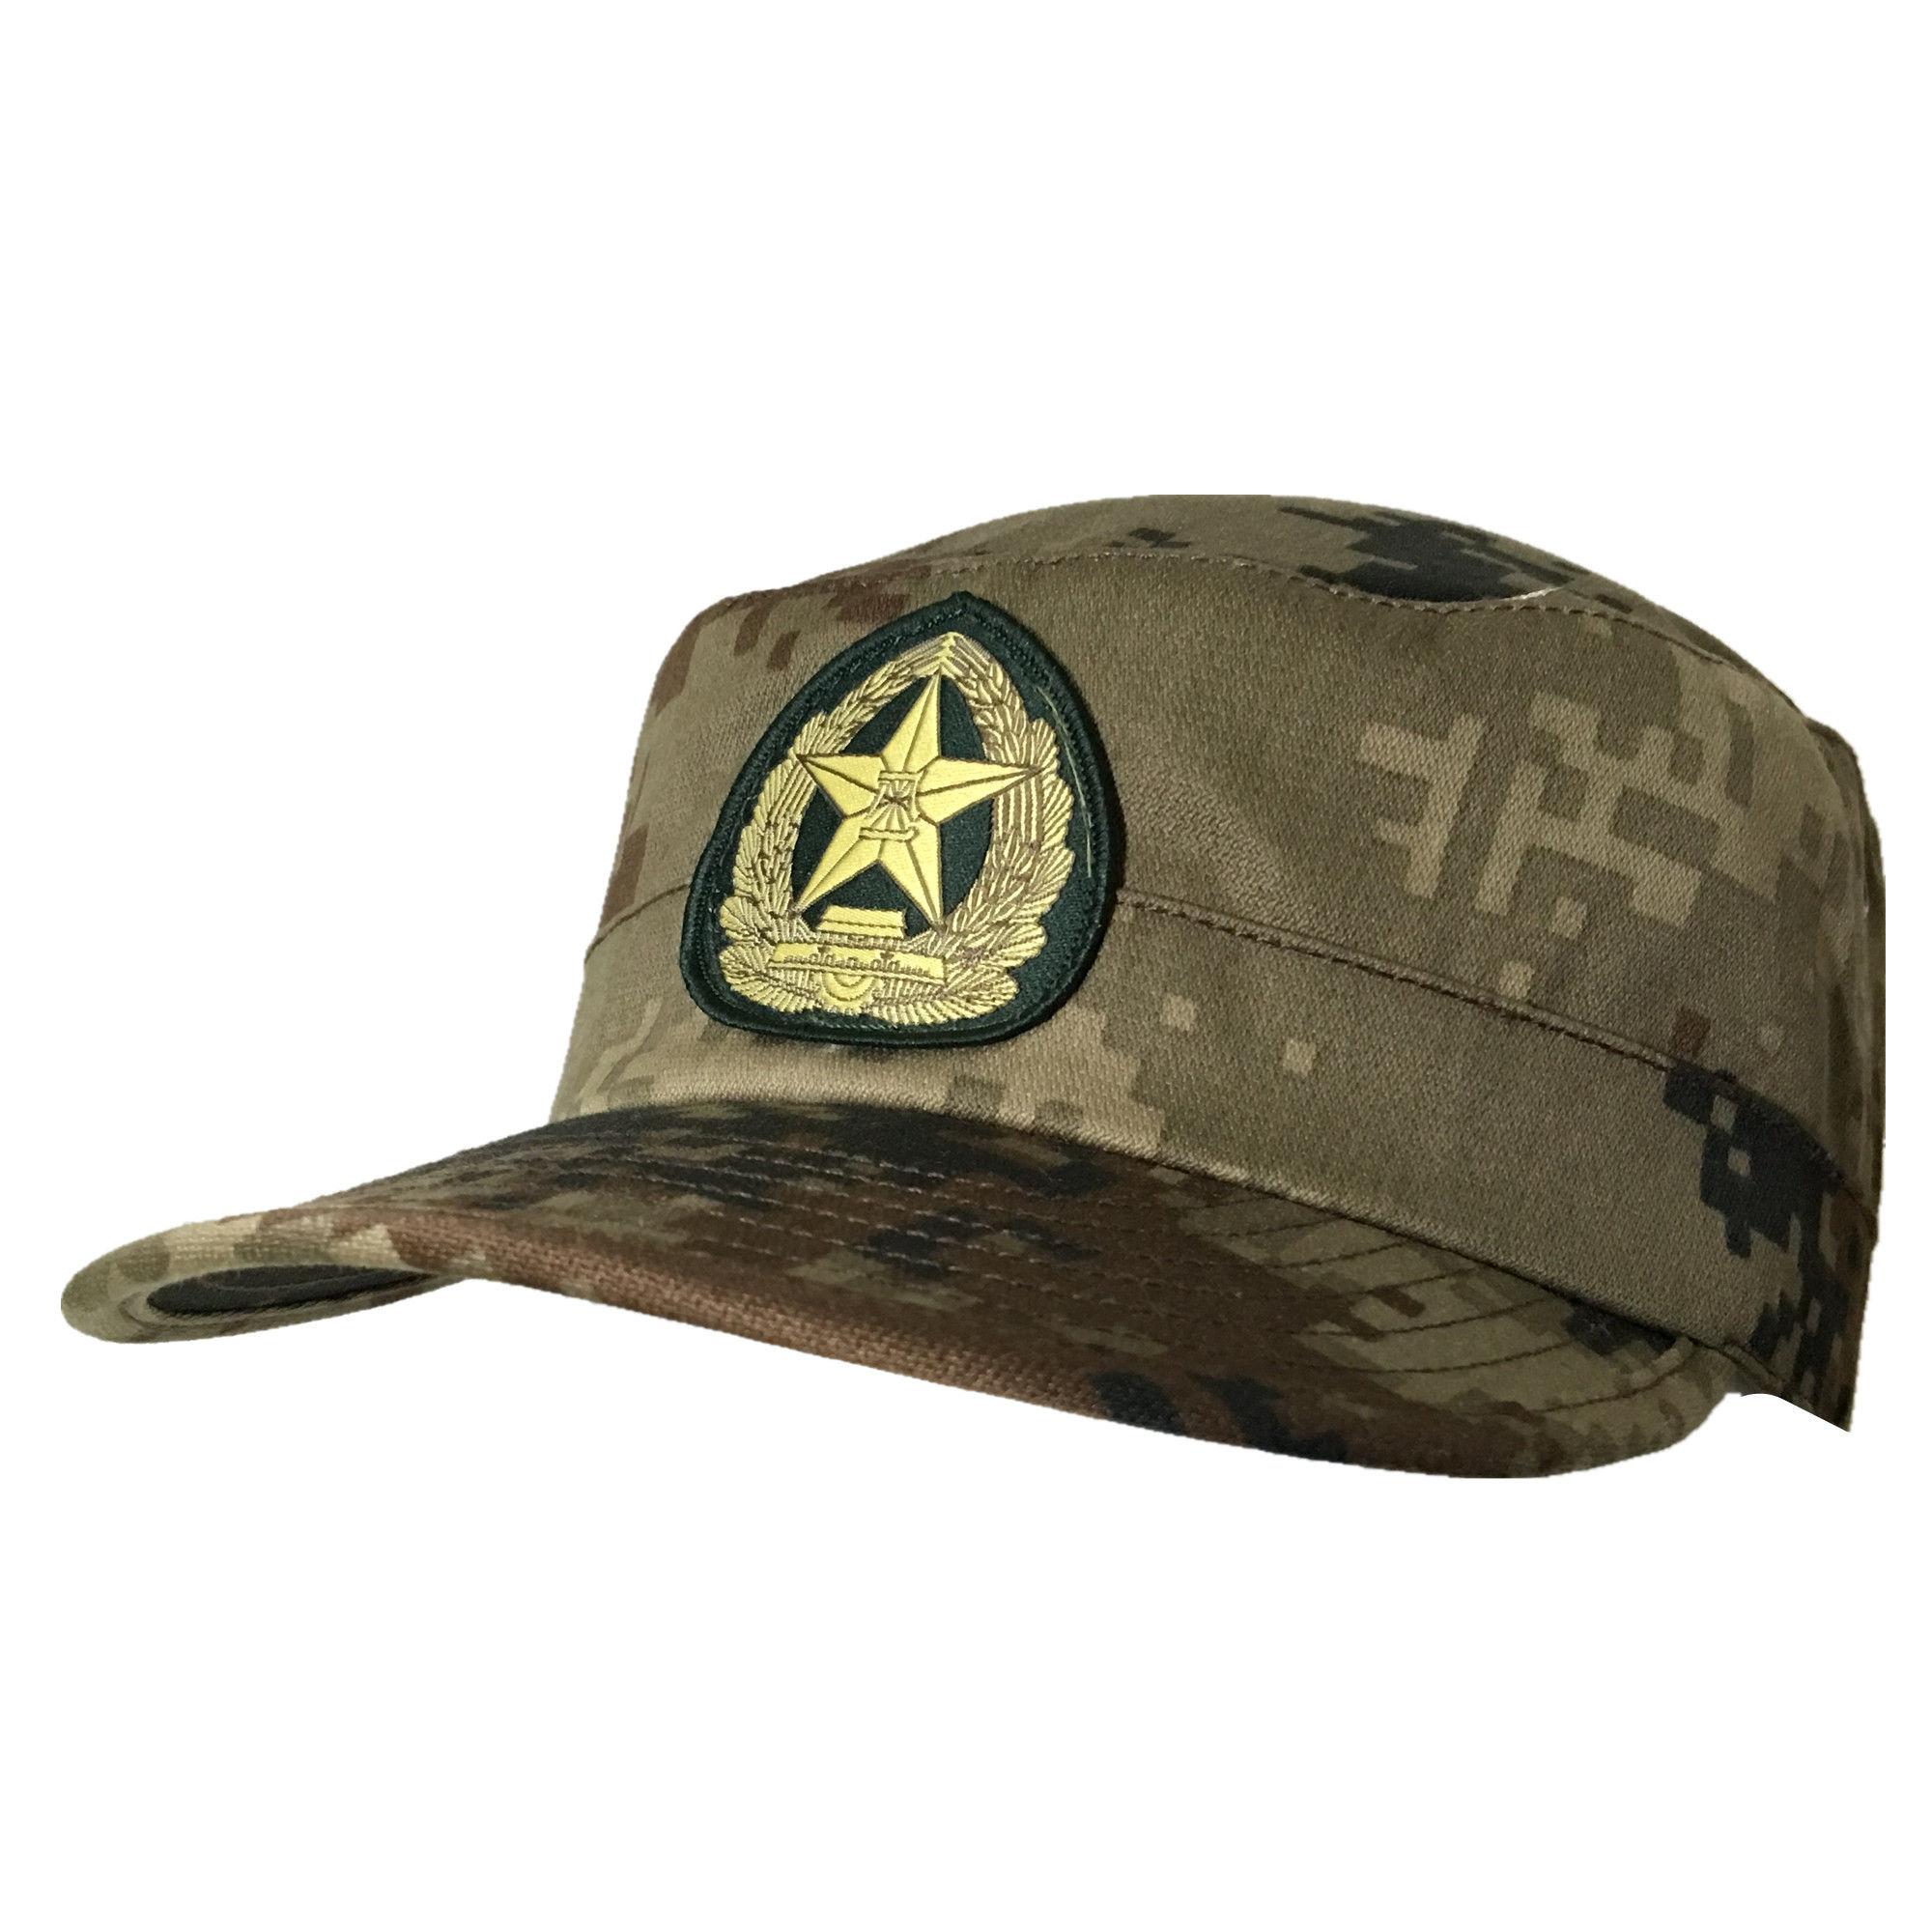 中国人民解放軍 07式 荒漠迷彩 帽子